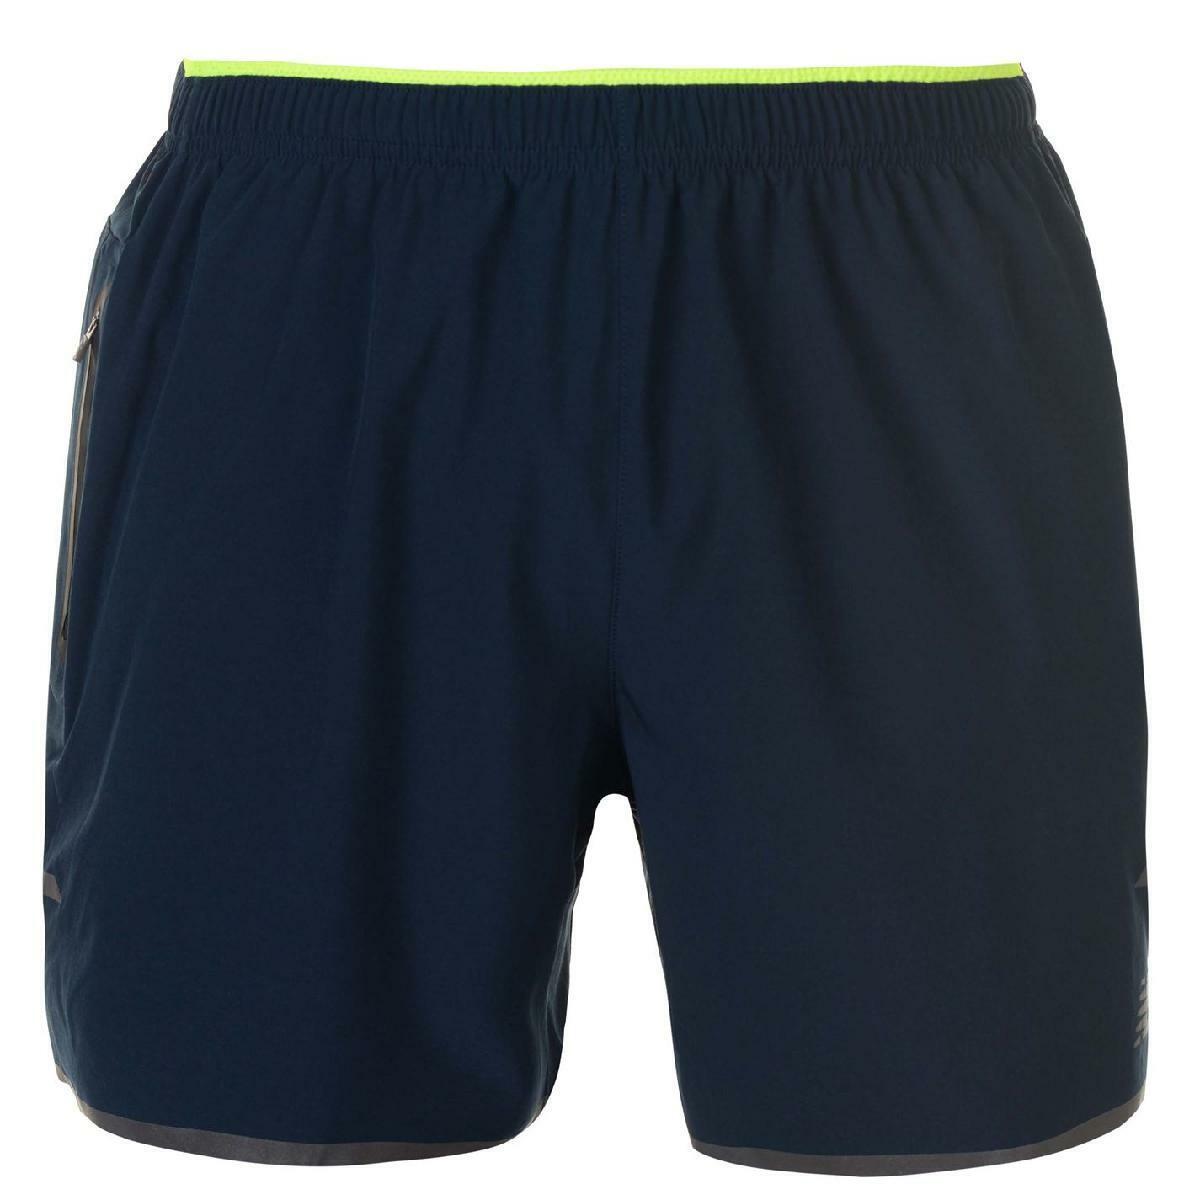 New Equilibrar Precision señores shorts brevemente pantalones  pantalones de deporte fútbol aerobic 3246  primera vez respuesta